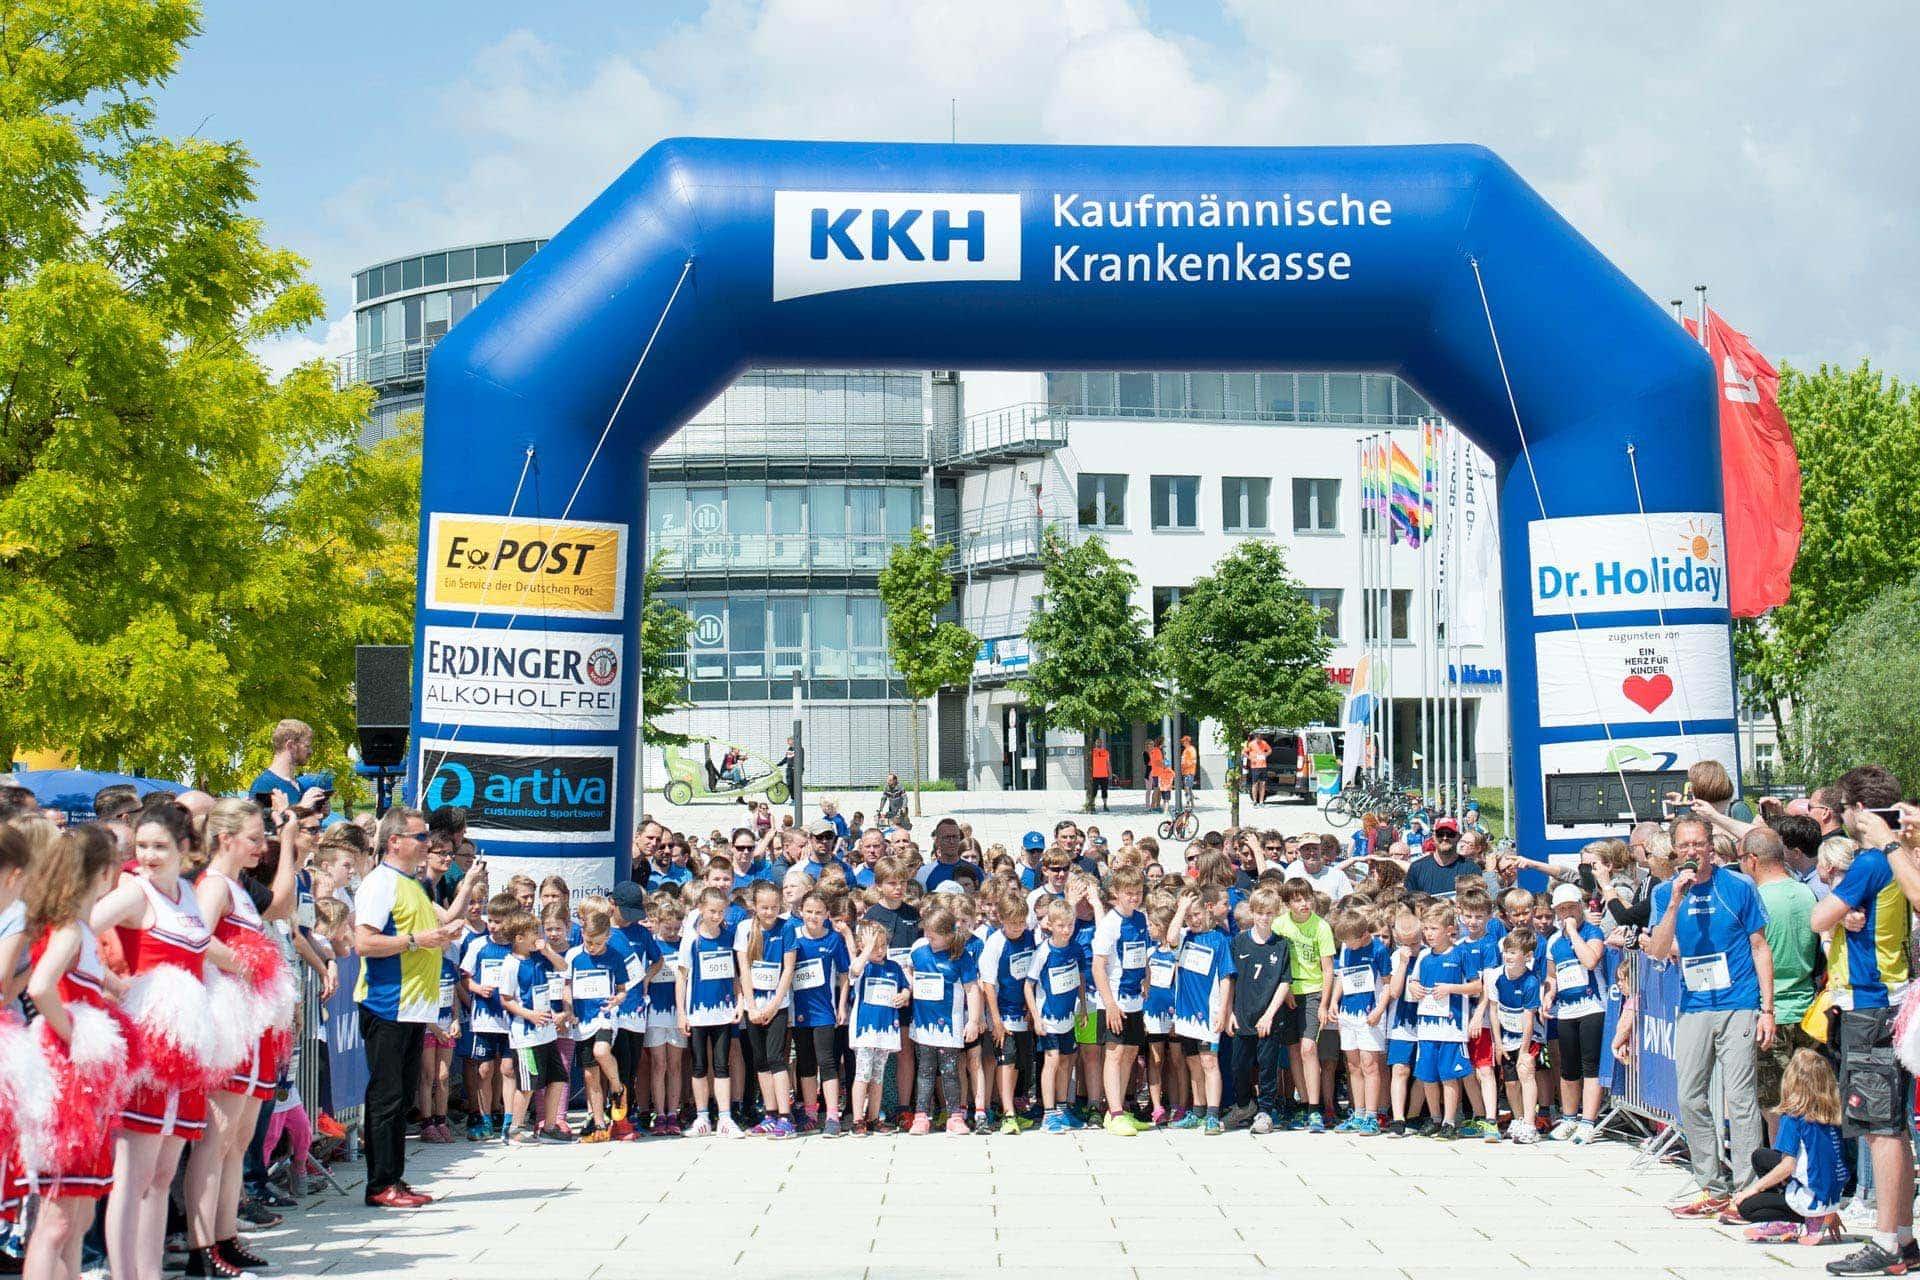 Jetzt anmelden für den KKH-Lauf am 8. Juni am Oberen Wöhrd